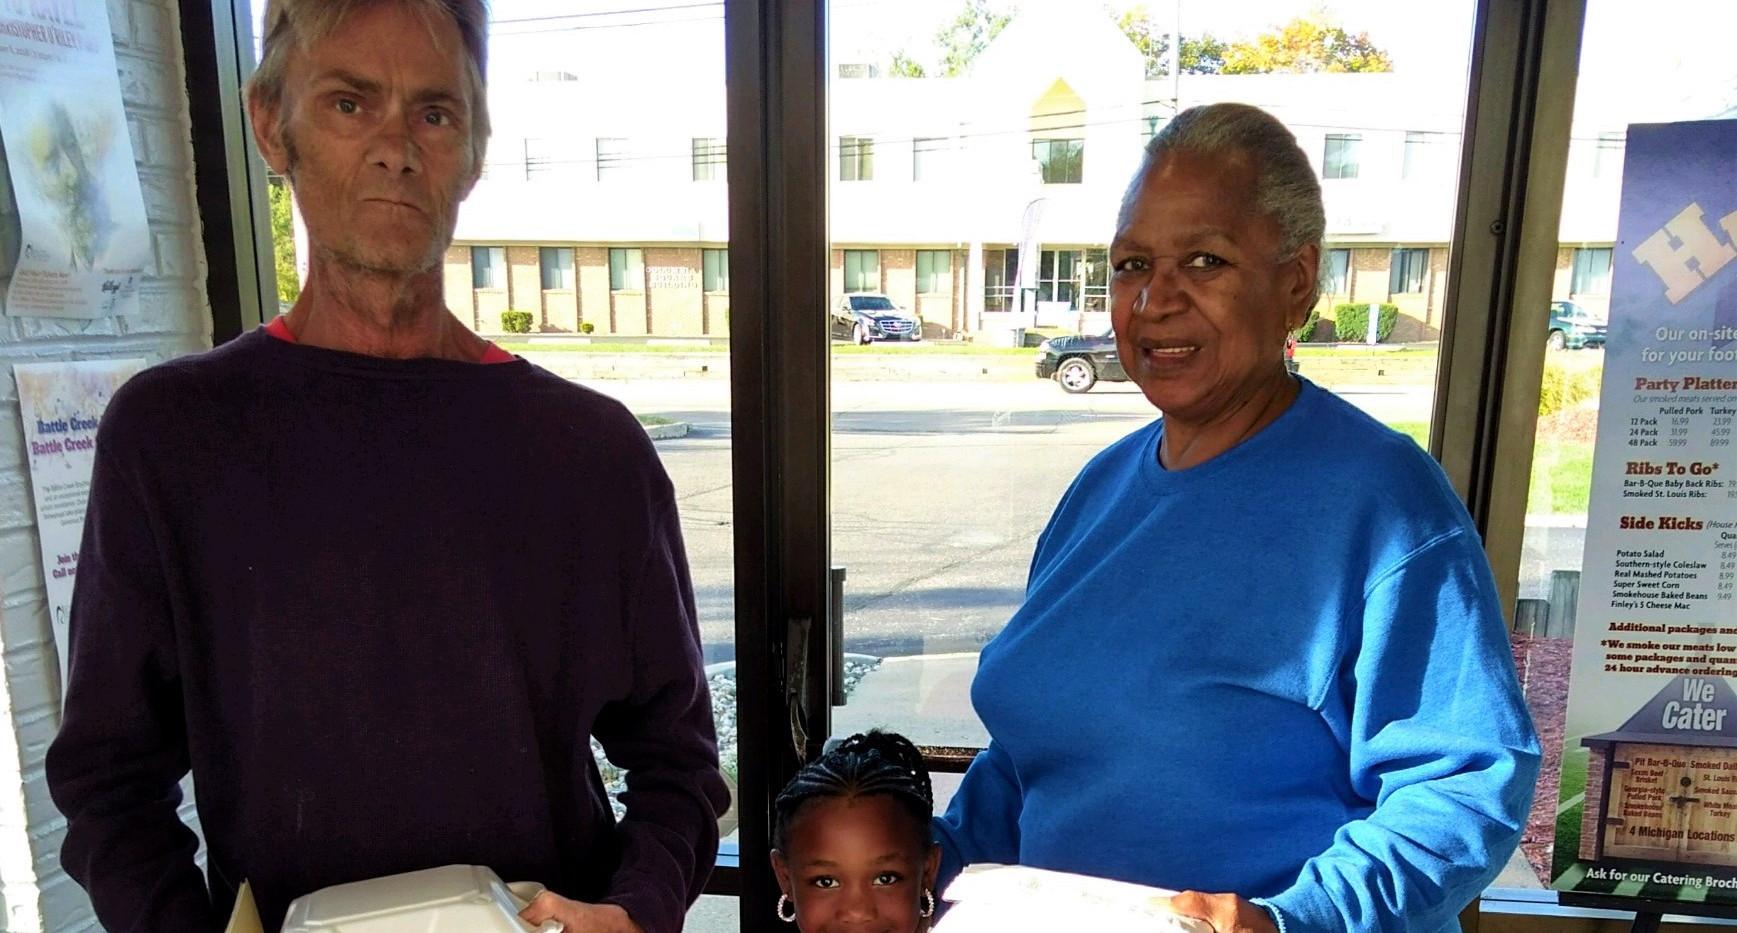 Randy Hudson Birthday Photo #3 October 4